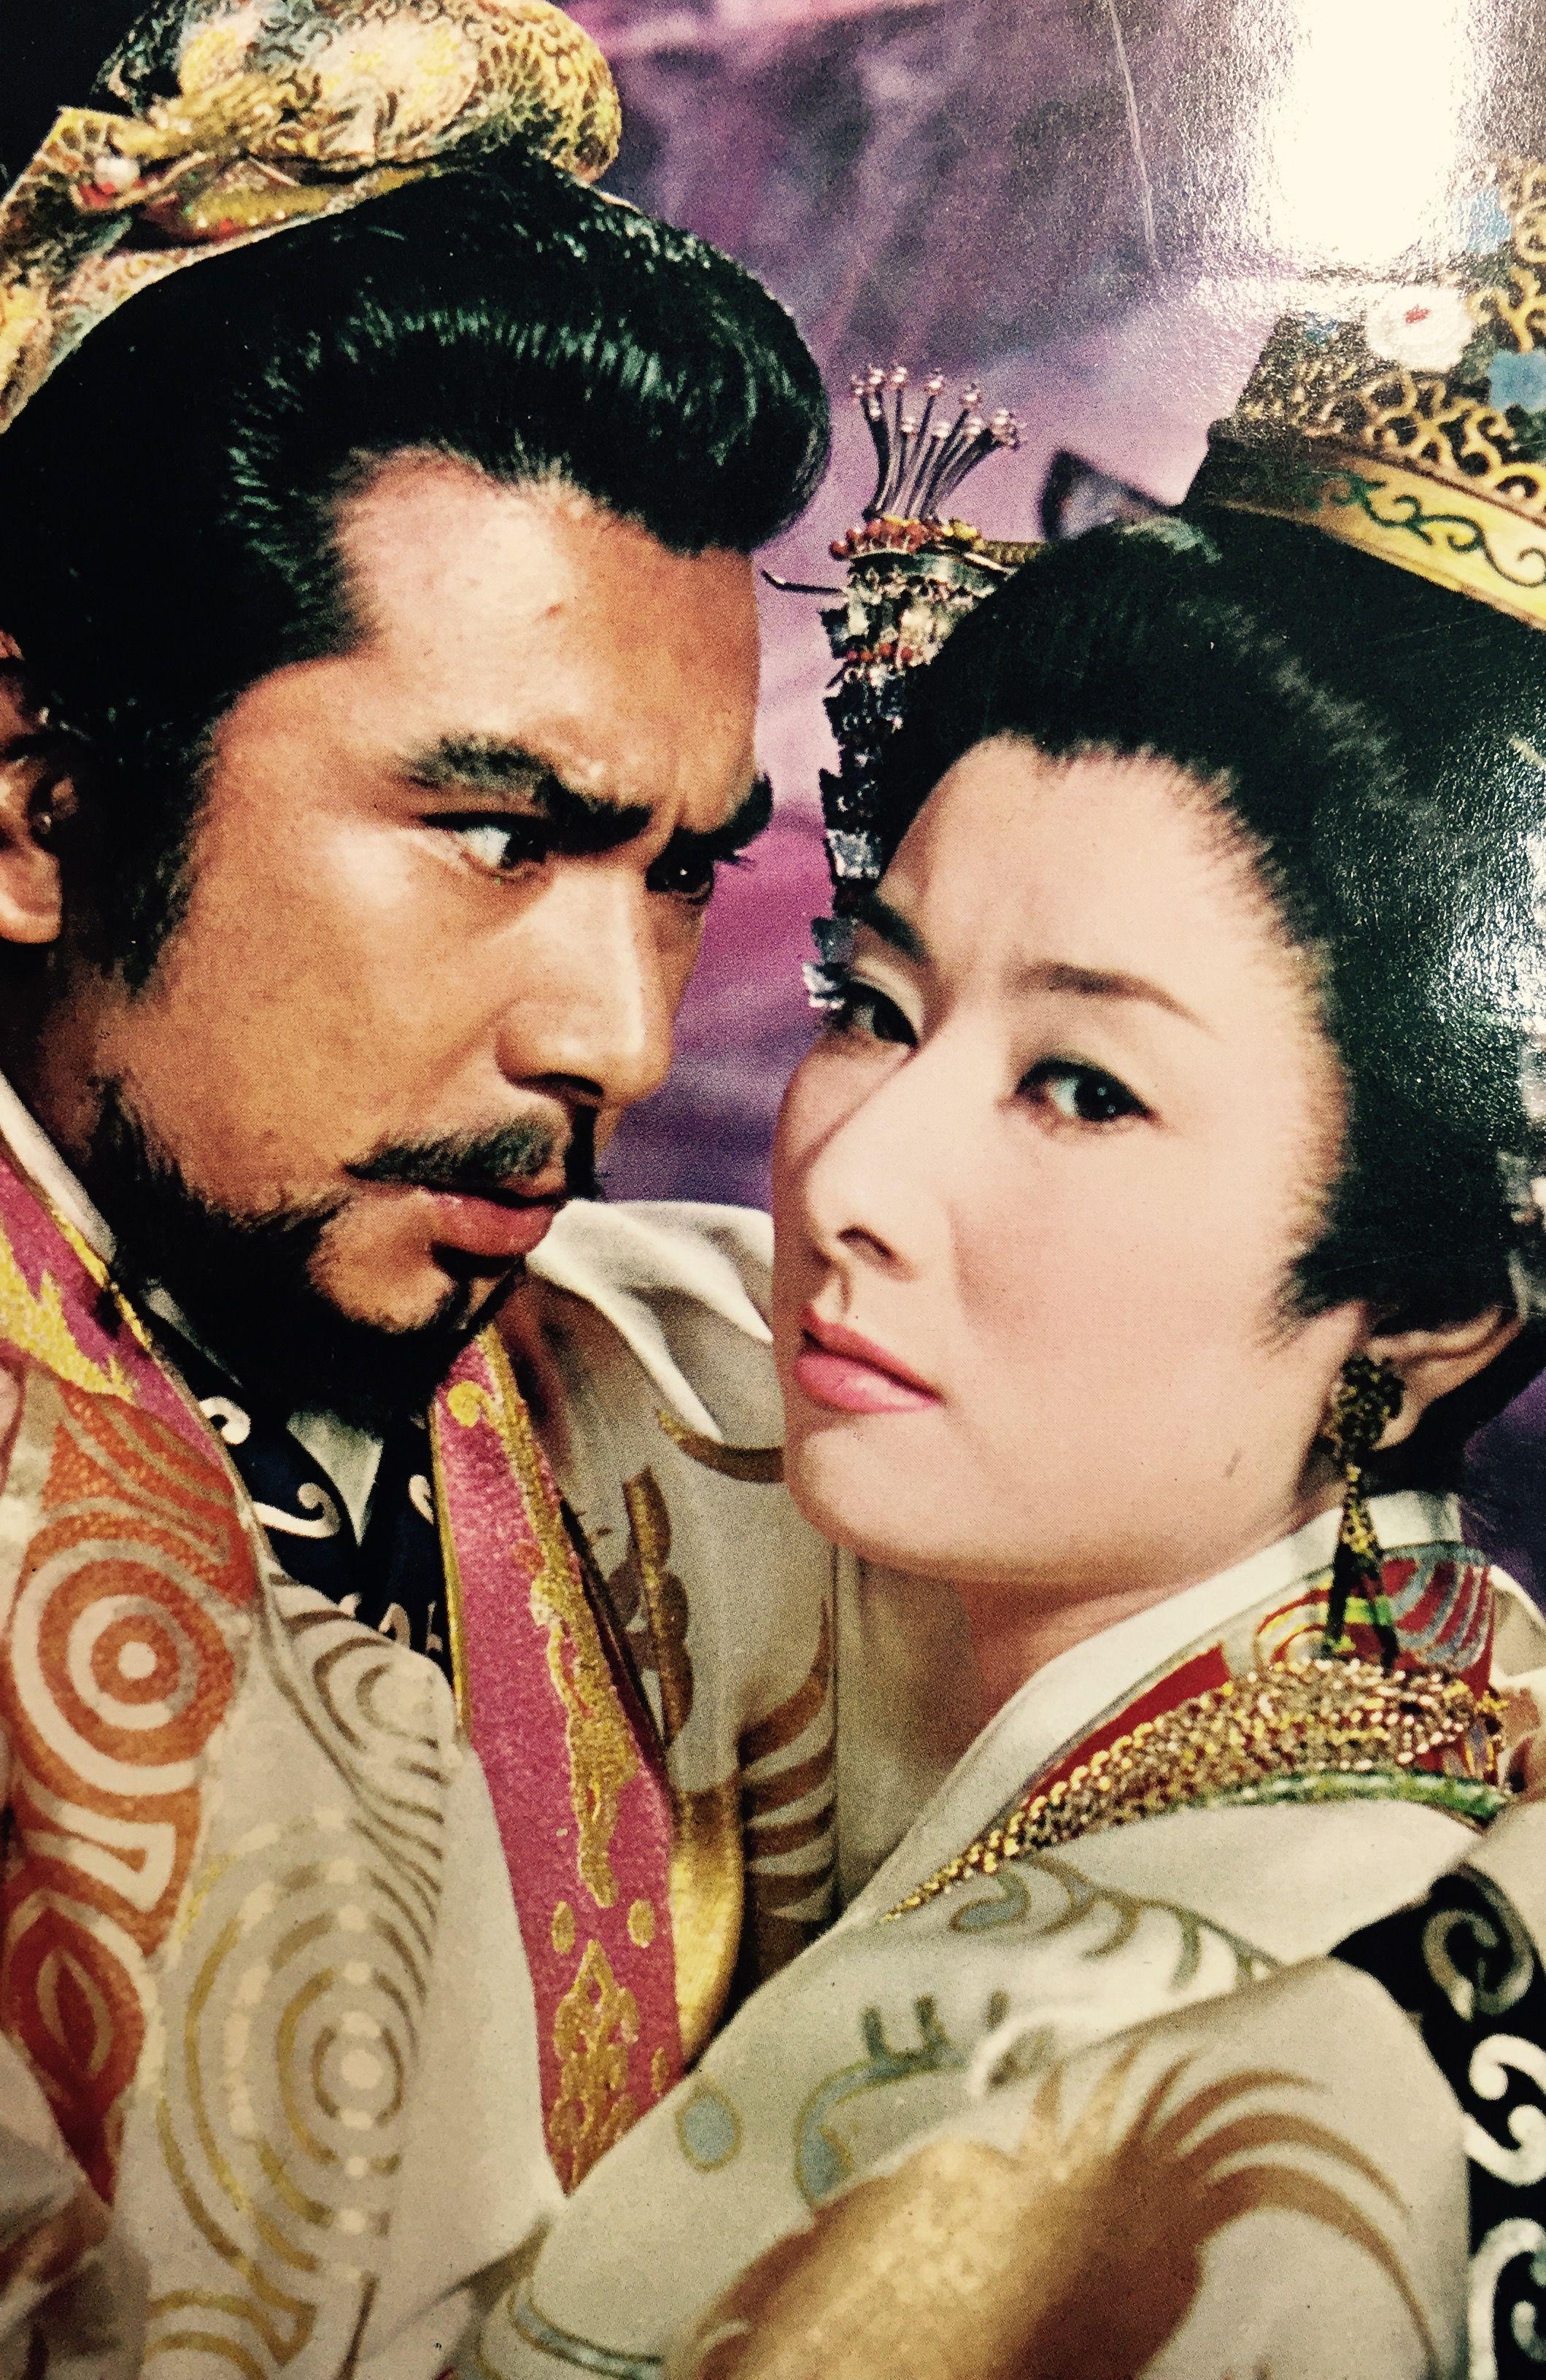 中国の皇帝夫人のような衣装を着る若い頃の山本富士子